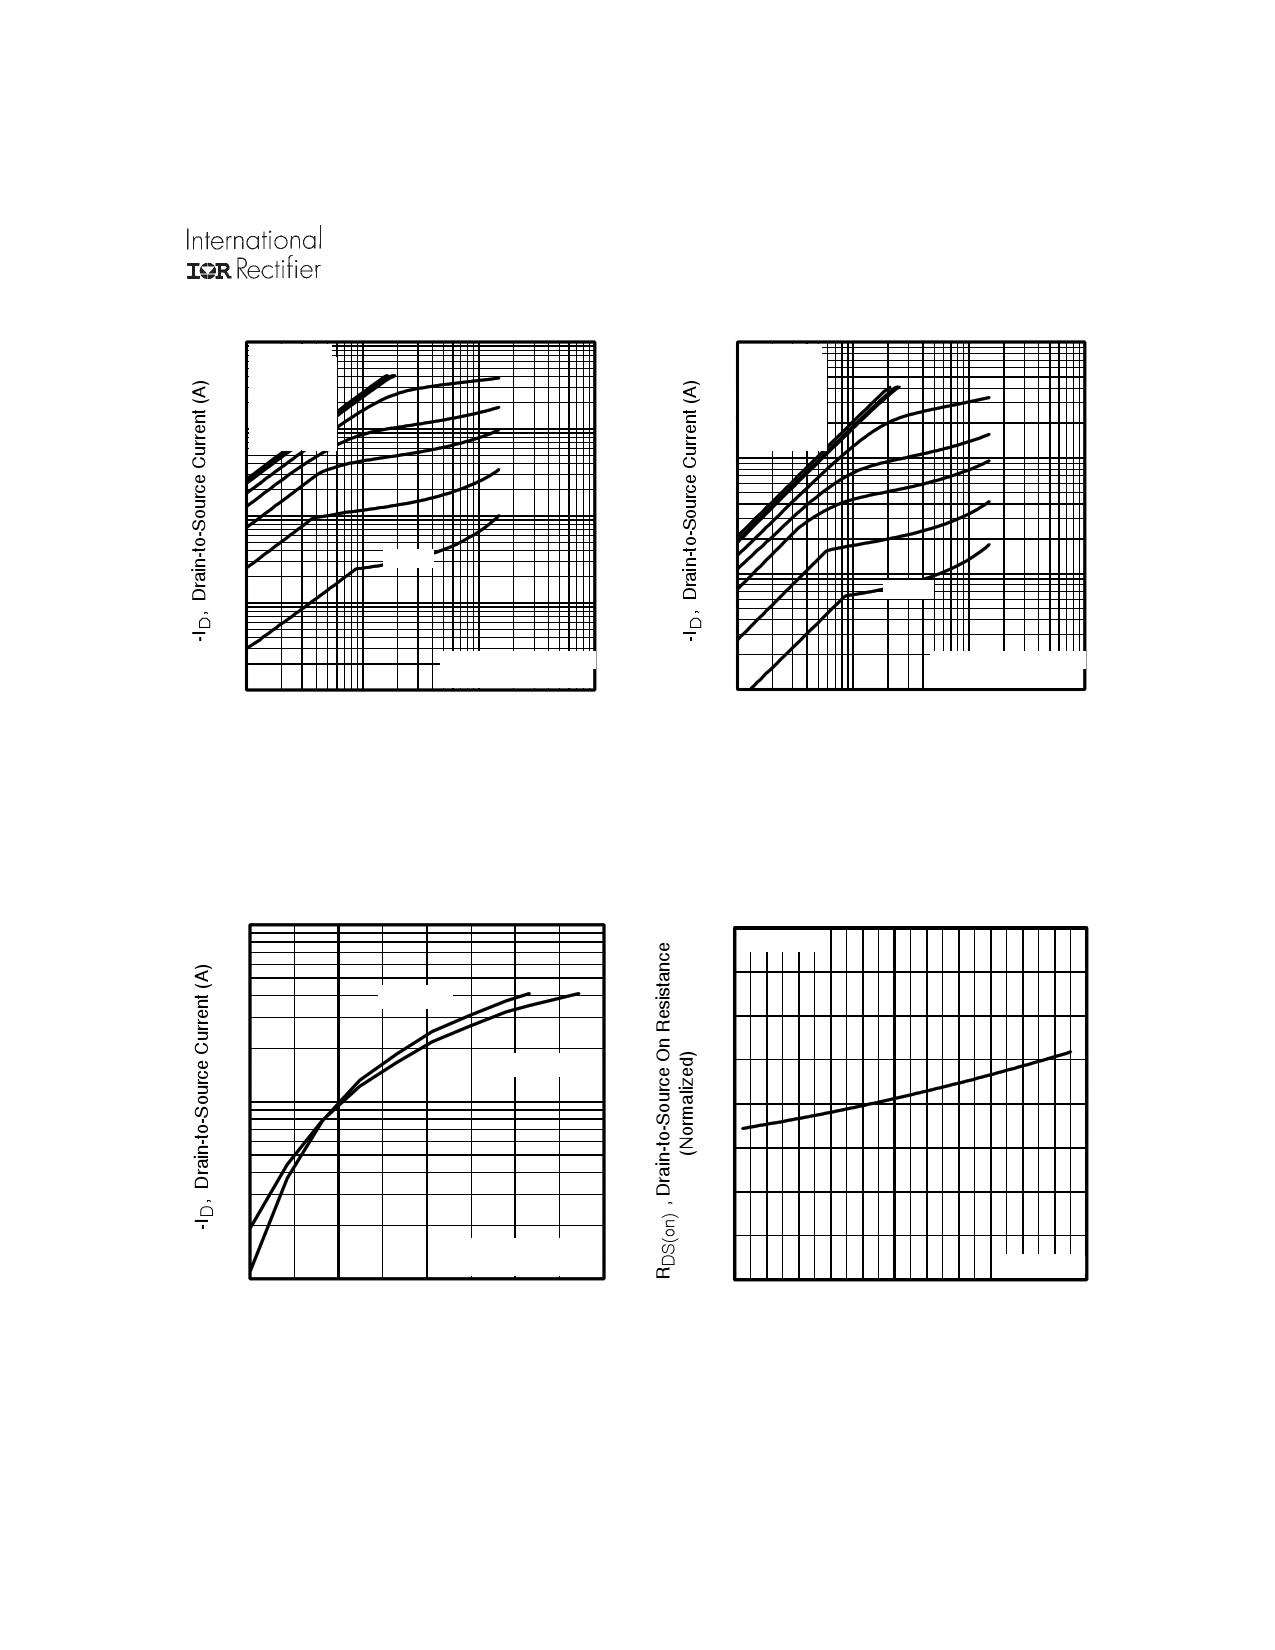 IRF6100 pdf, ピン配列